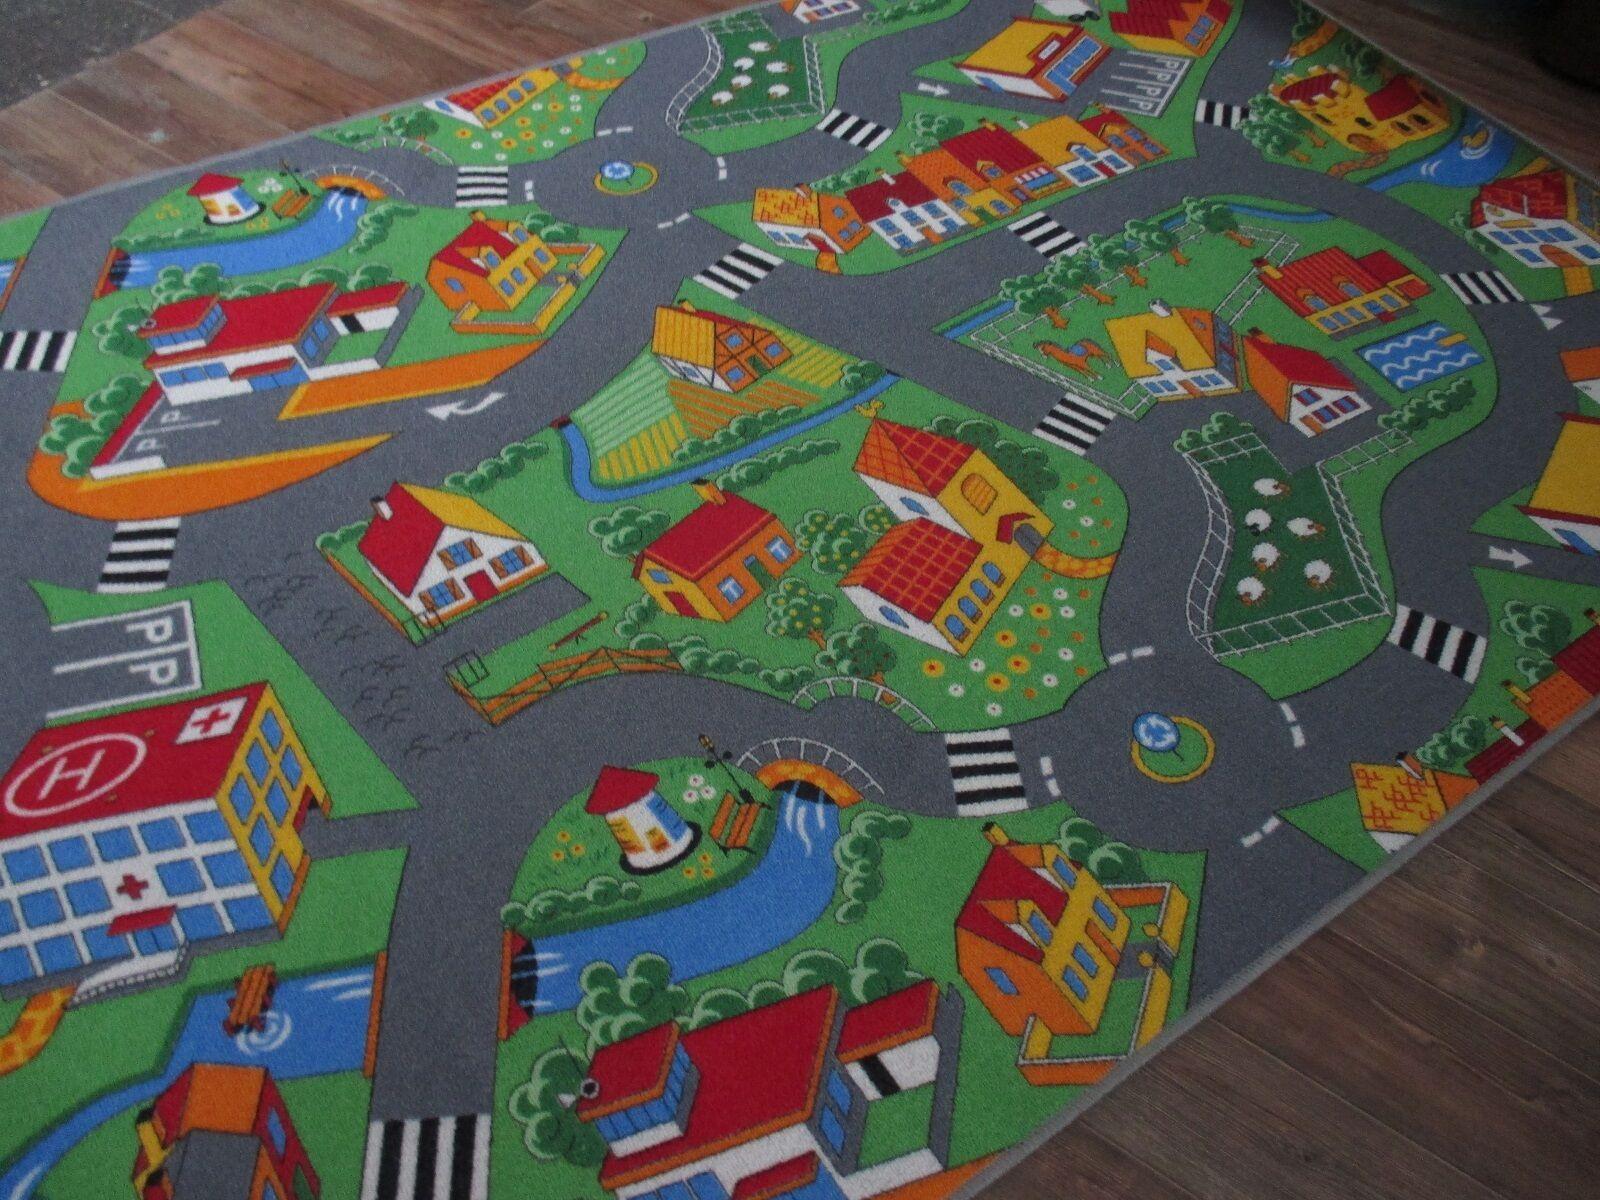 Günstig 24 Stunden Sale Spiel Kinder Kinder Kinder Teppich Straßen  4 Designs diverse Größen | Die Farbe ist sehr auffällig  e7443d